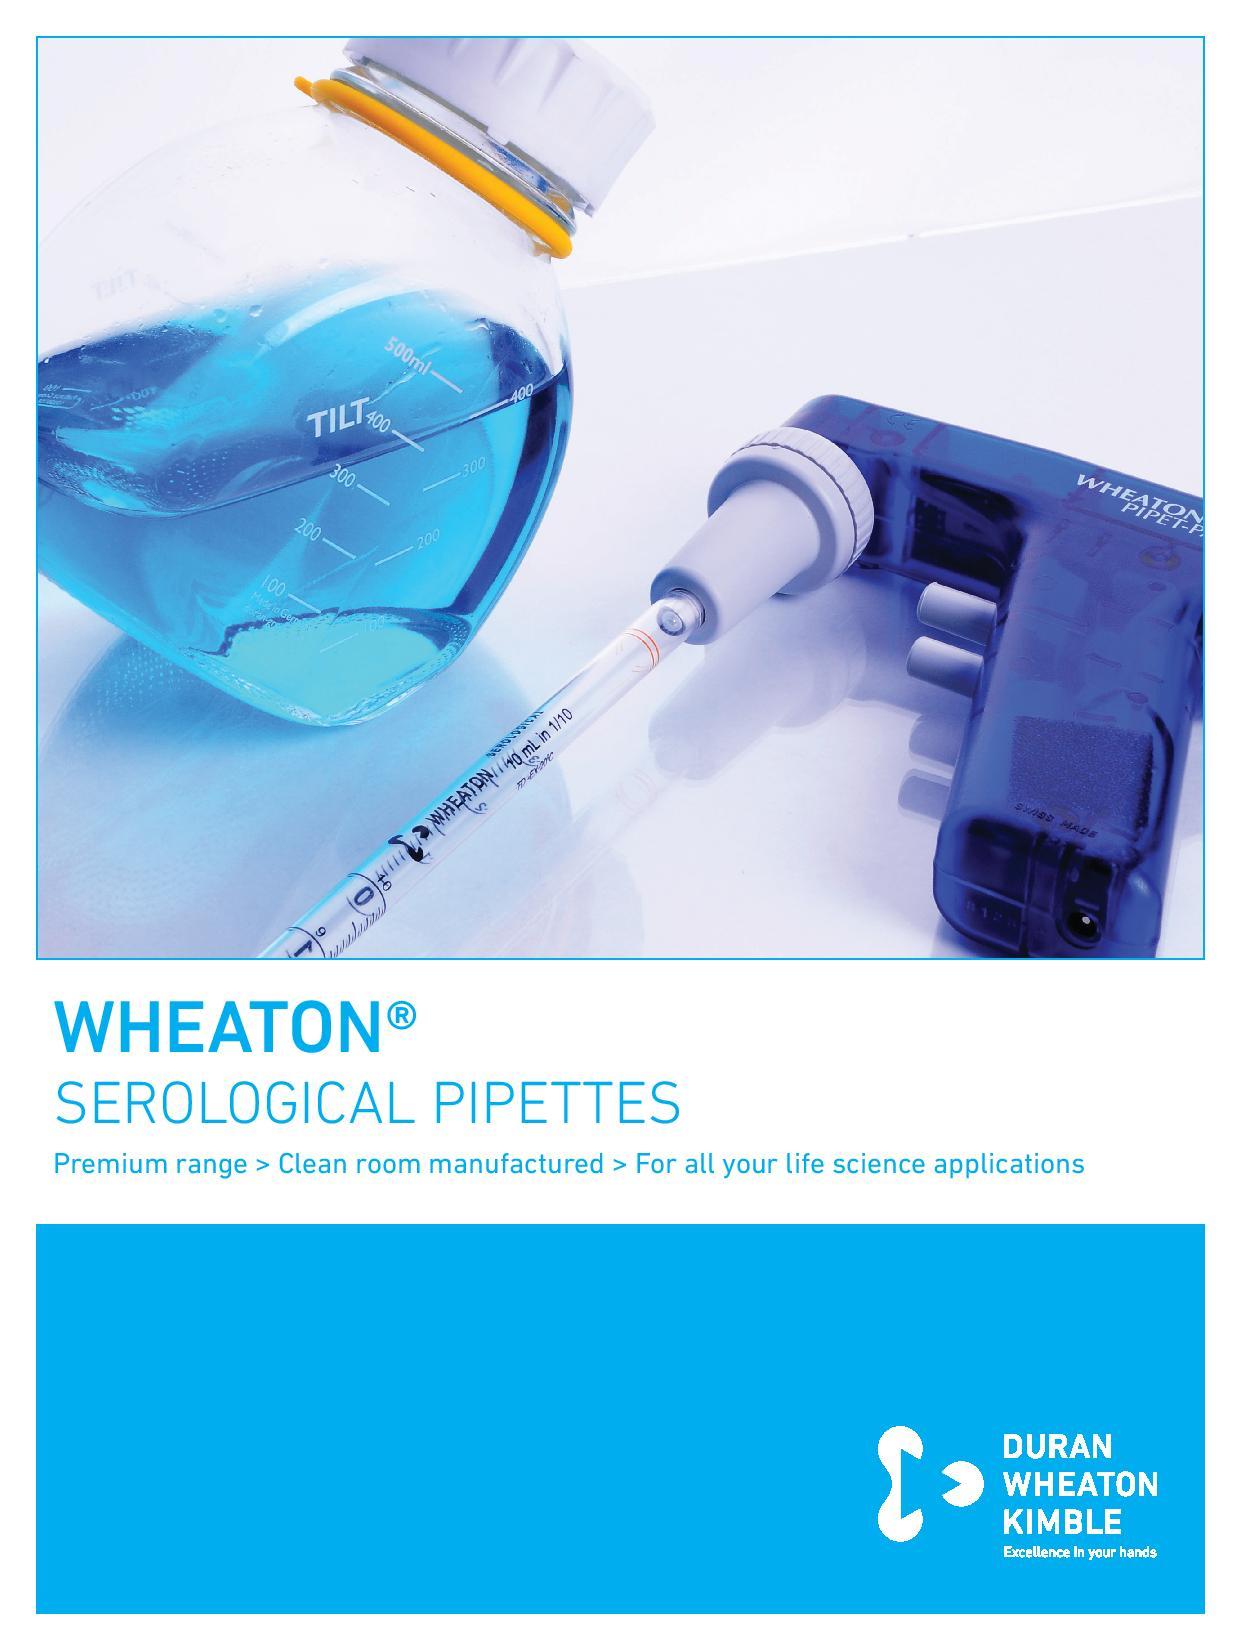 WHEATON® SEROLOGICAL PIPETTES